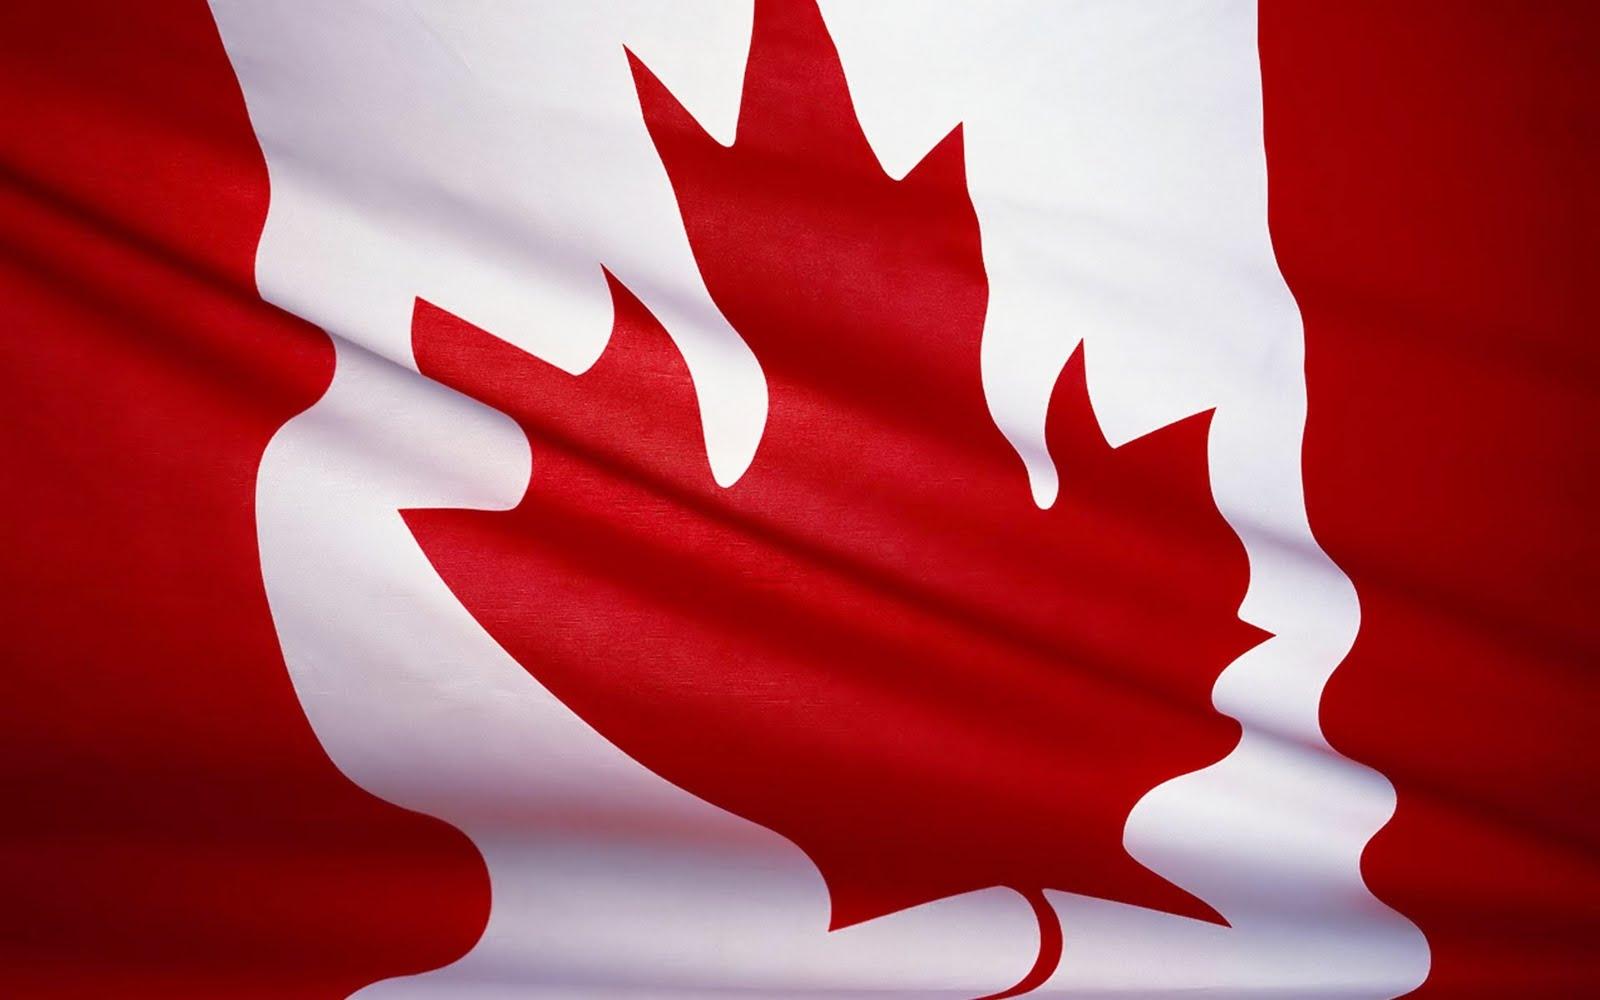 http://3.bp.blogspot.com/--Kjq42LbZ0U/Tkj8j5Ql6hI/AAAAAAAAC0k/FmlgNHZWNpM/s1600/canada+national+flag.jpg